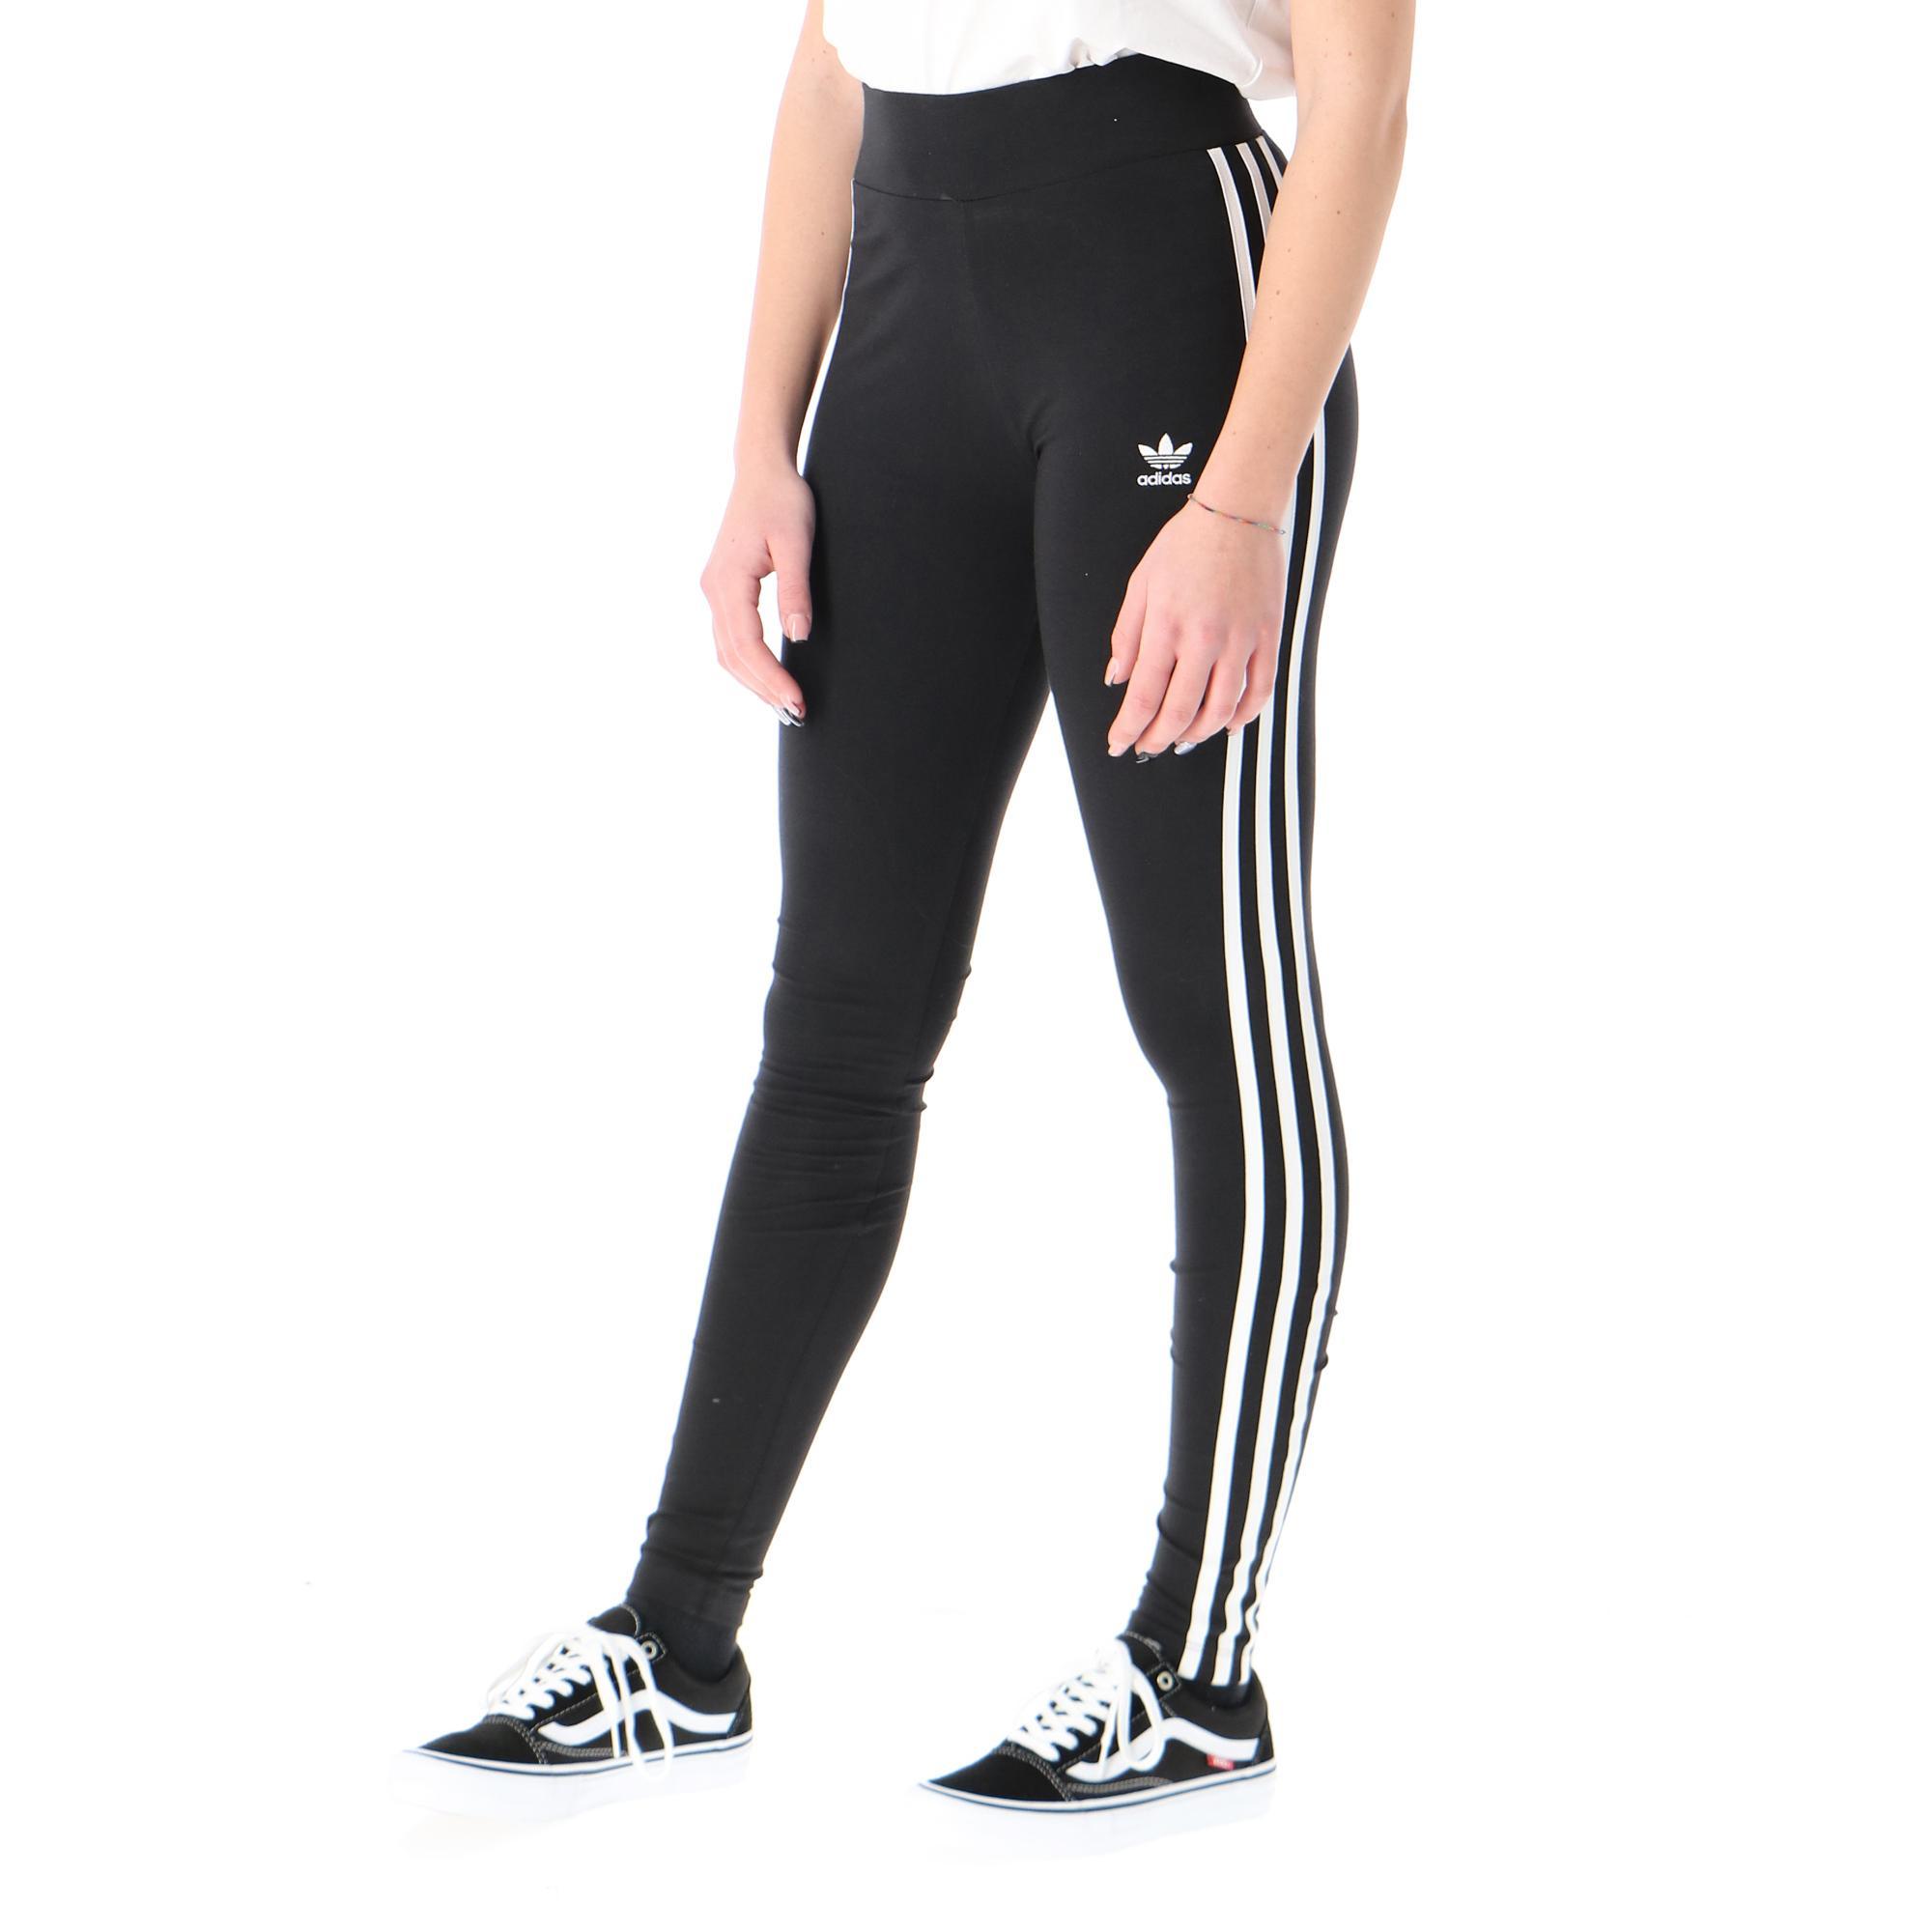 Adidas 3 Stripes Tight Black white